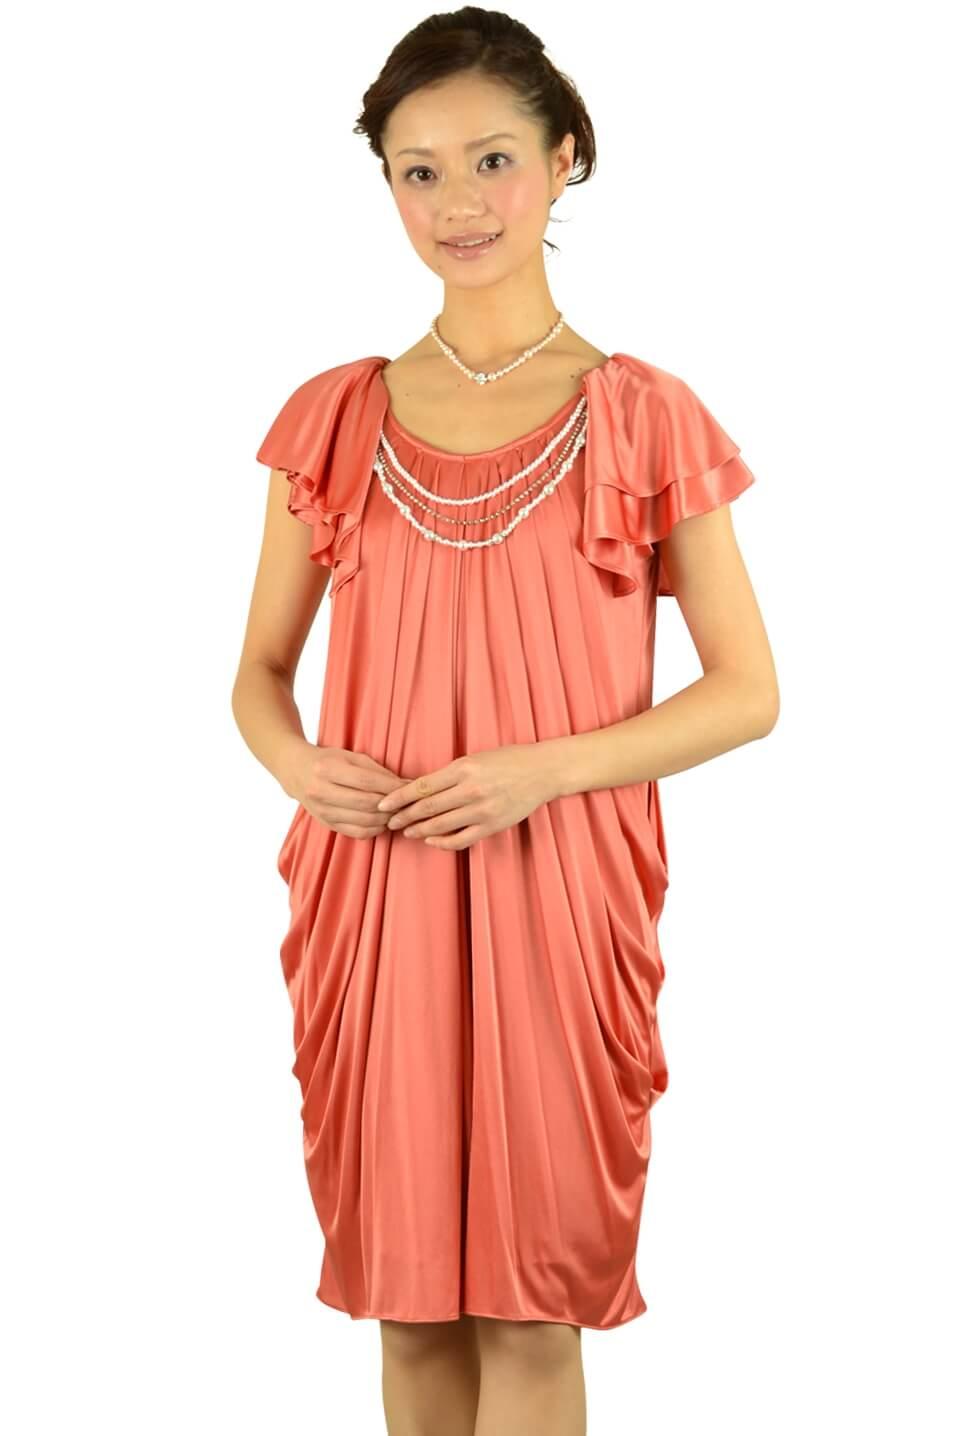 デリセノアール(DELLISE NOIR) オレンジミニ袖ドレス